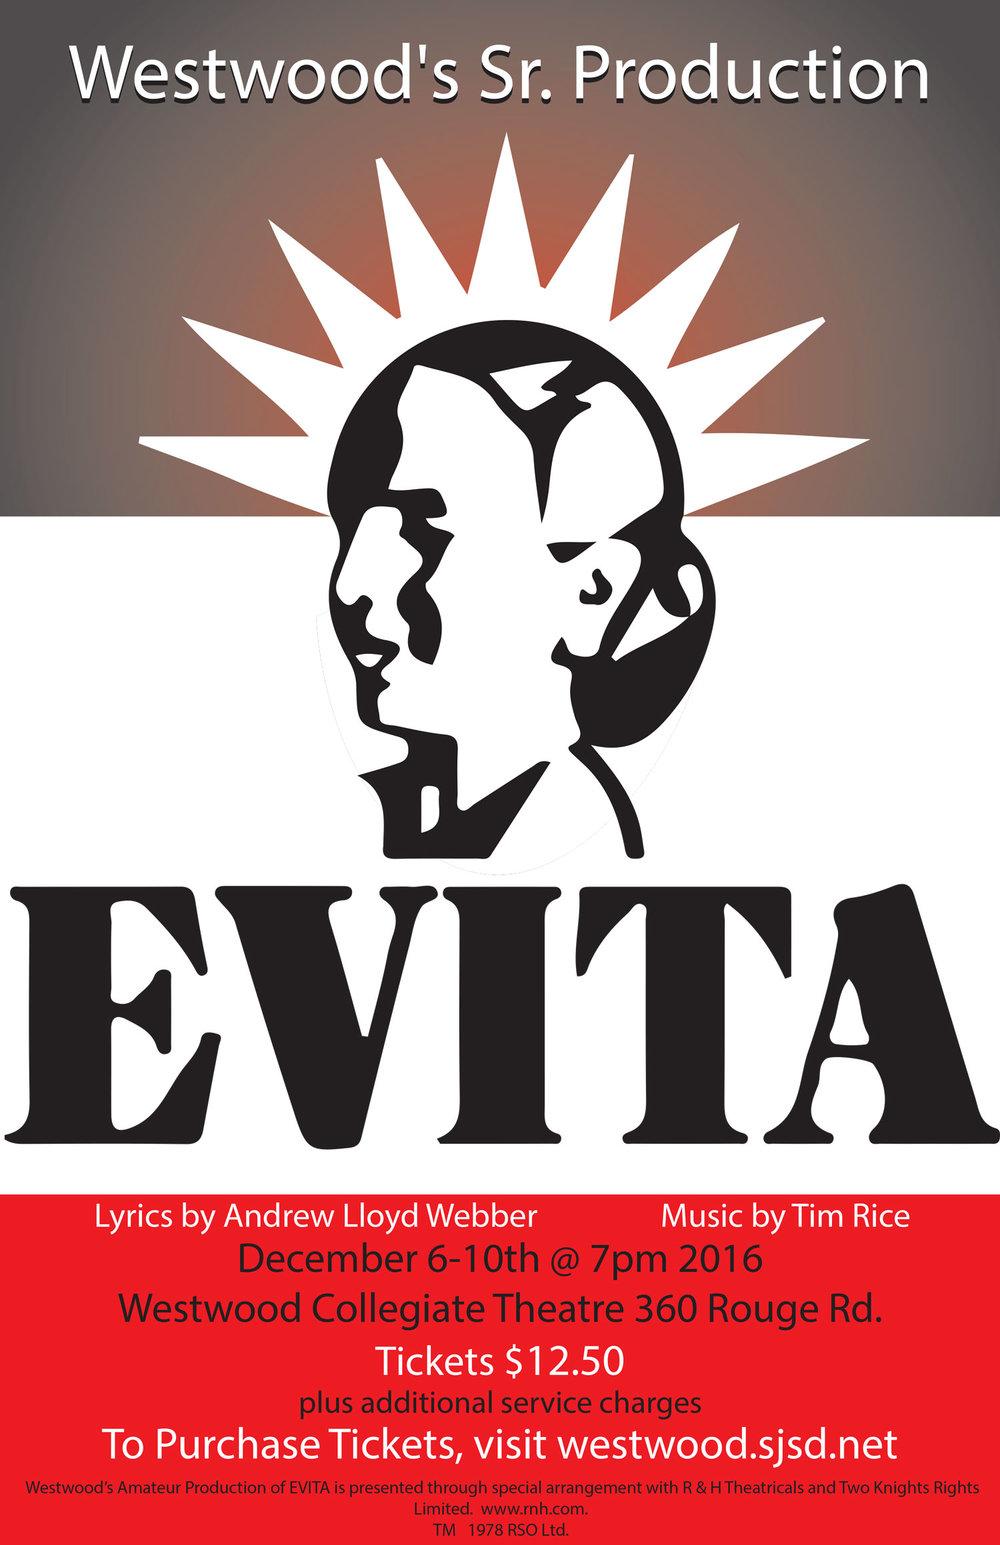 Westwood Collegiate production of Evita